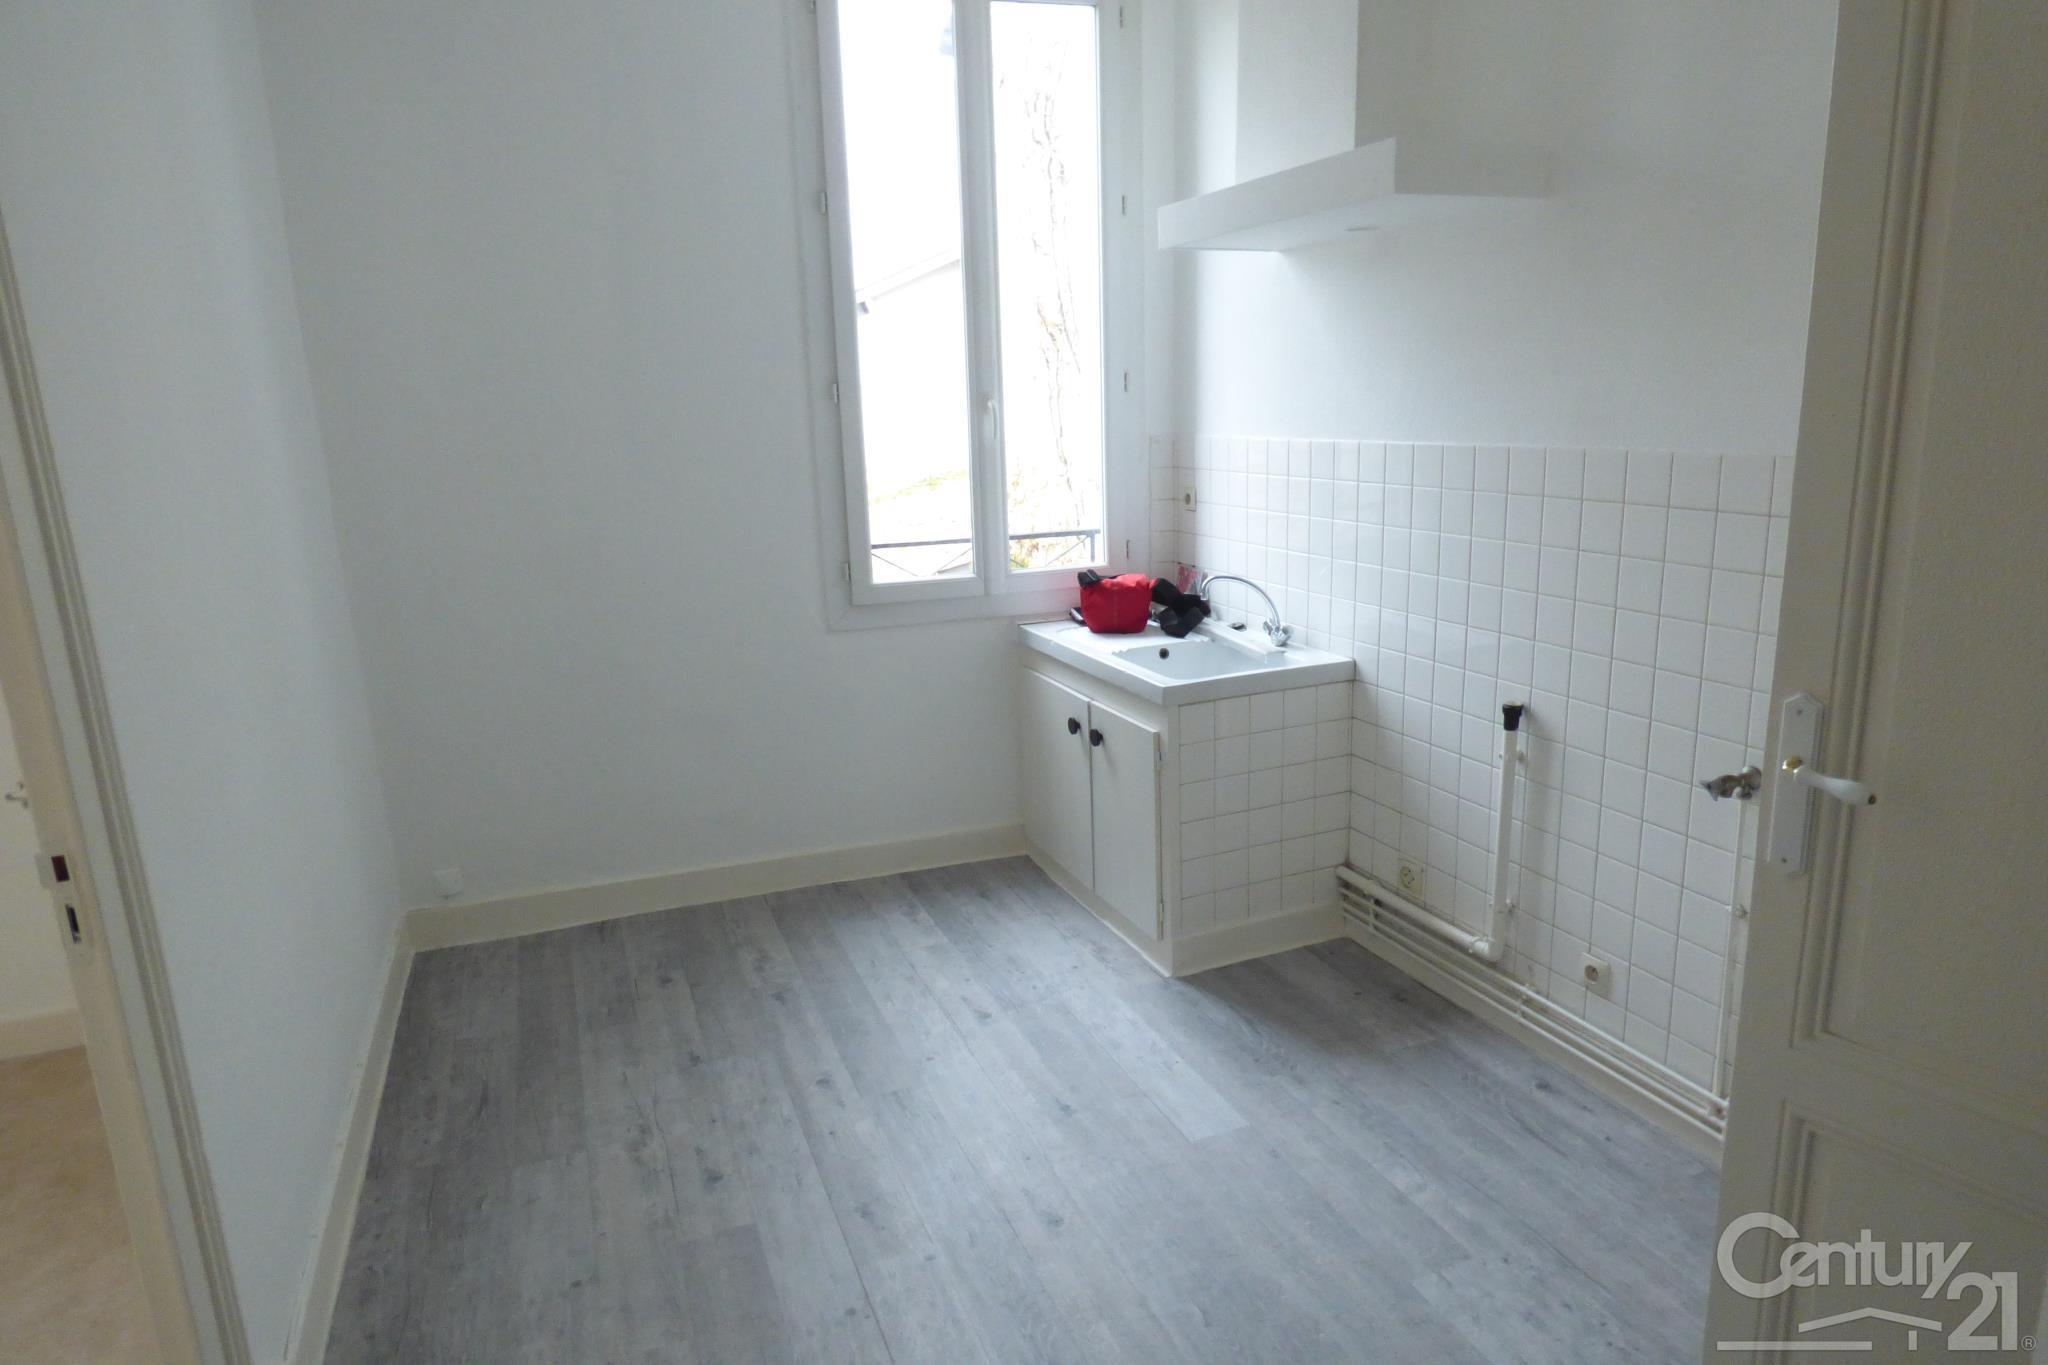 Annonce location appartement bordeaux 33100 30 m 430 for Location appartement bordeaux et alentours